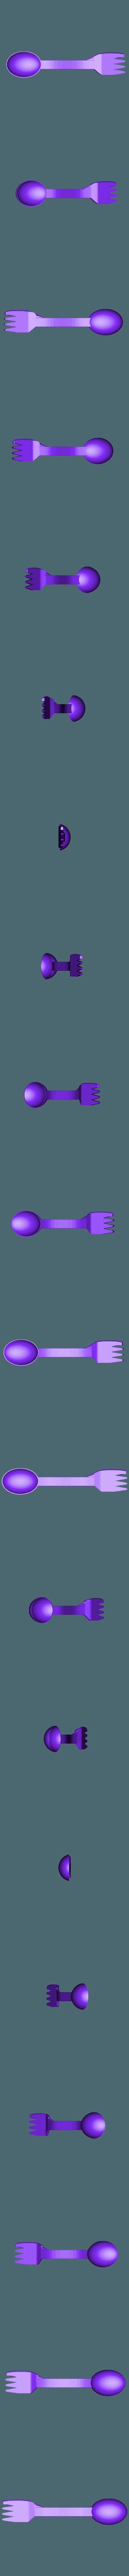 2  cubiertos en uno.stl Télécharger fichier STL gratuit Couvert en un seul • Design à imprimer en 3D, Aslan3d